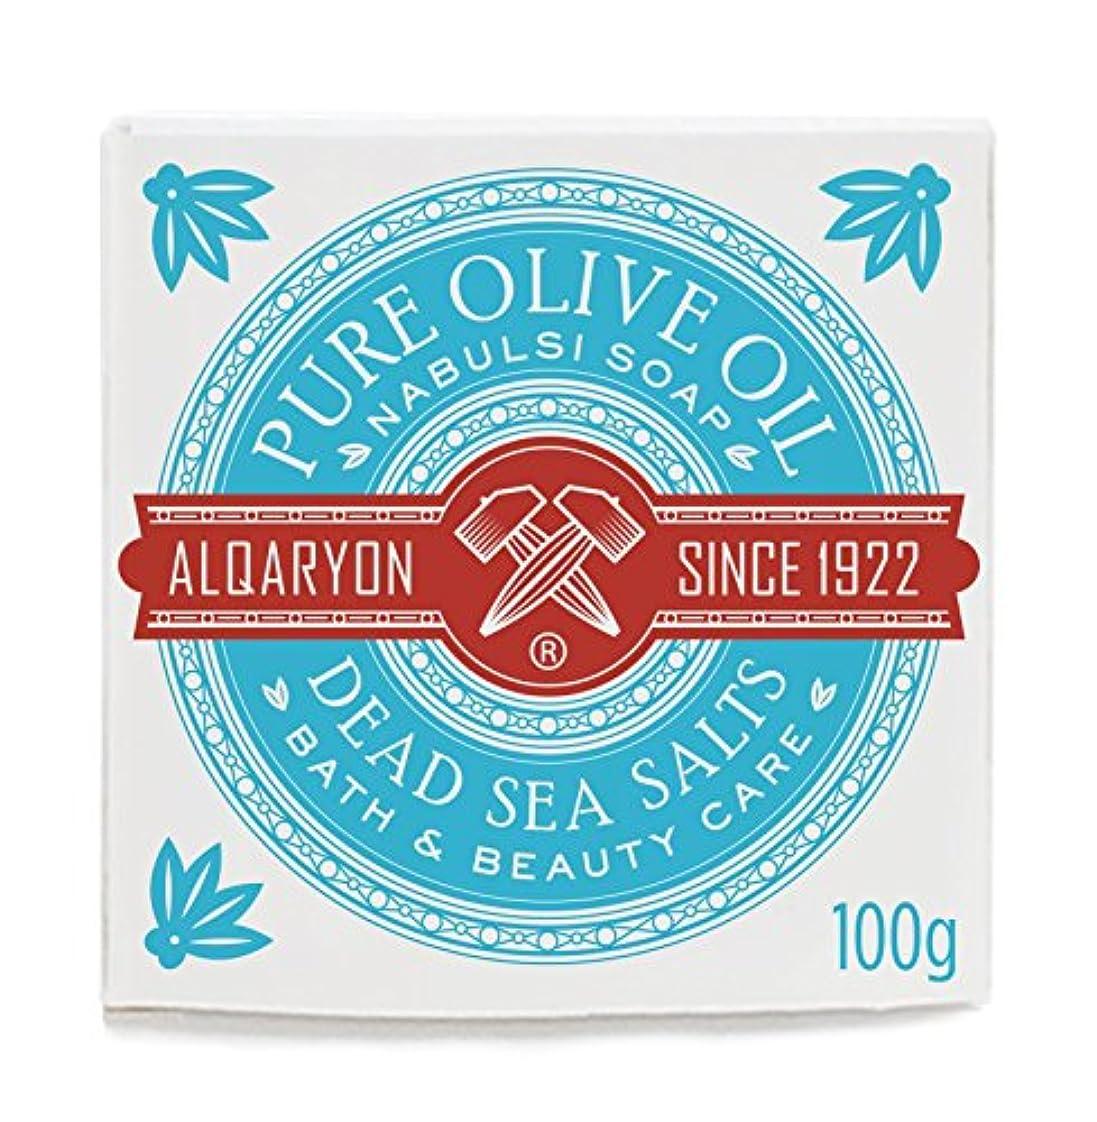 エスカレーター料理九時四十五分Alqaryon Dead Sea Salts & Olive Oil Bar Soap, Pack of 4 Bars 100g- Alqaryonの死海で取れる塩&オリーブオイル ソープ、バス & ビューティー ケア...